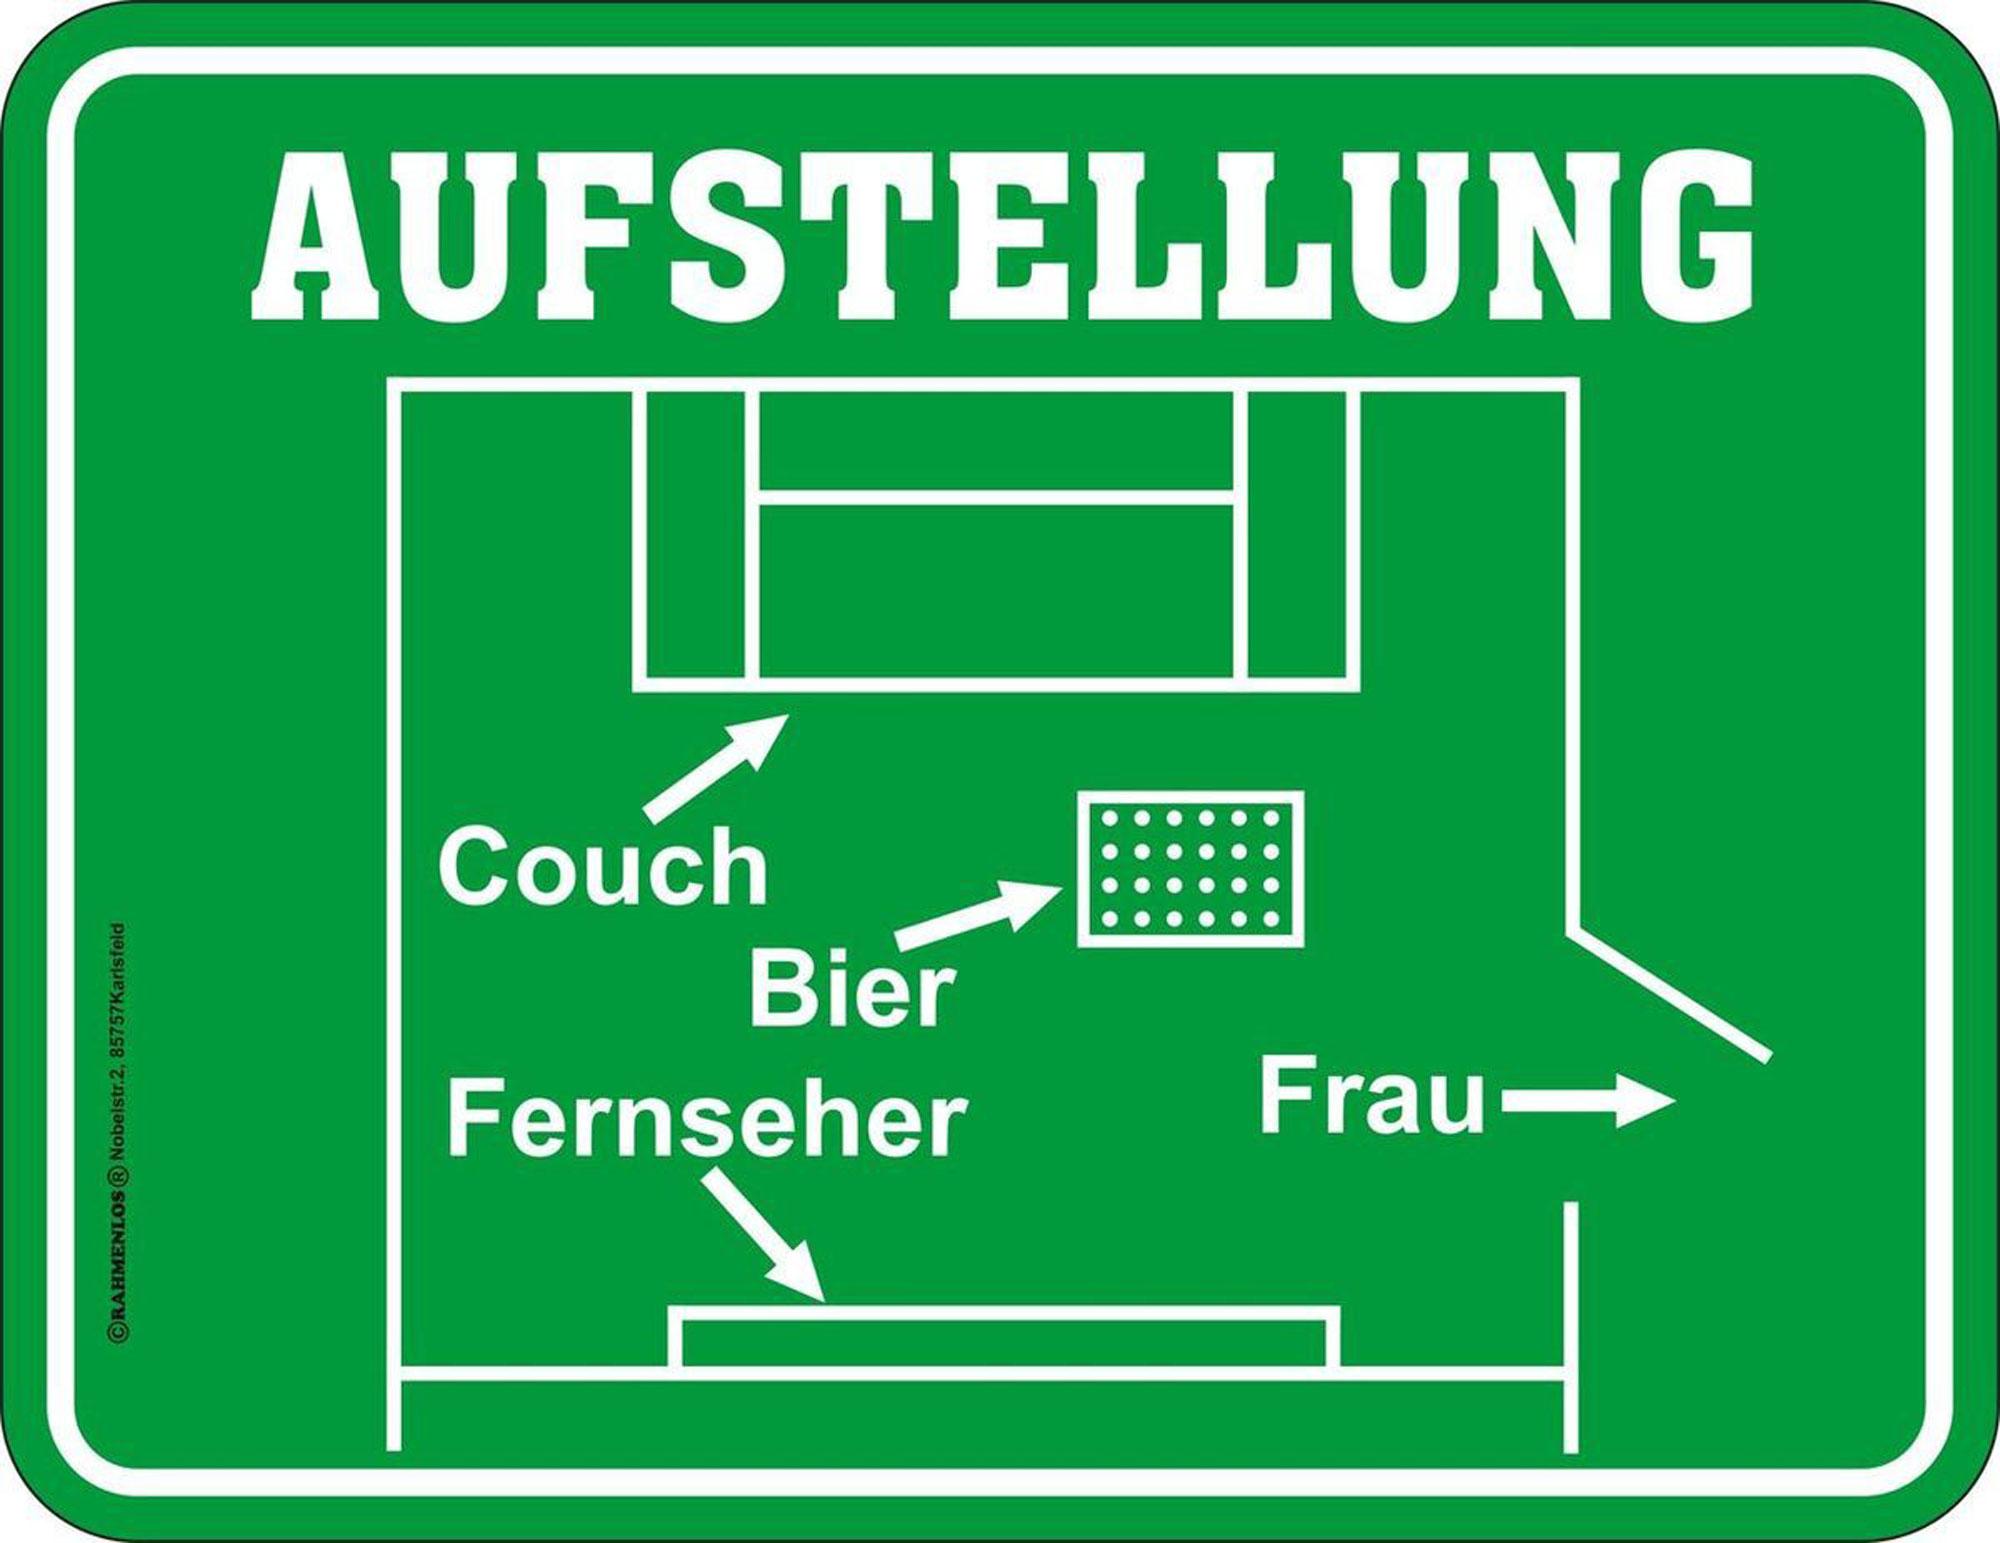 Aufstellung Fussball Couch Bier Fernseher Frau Magnete 9x7